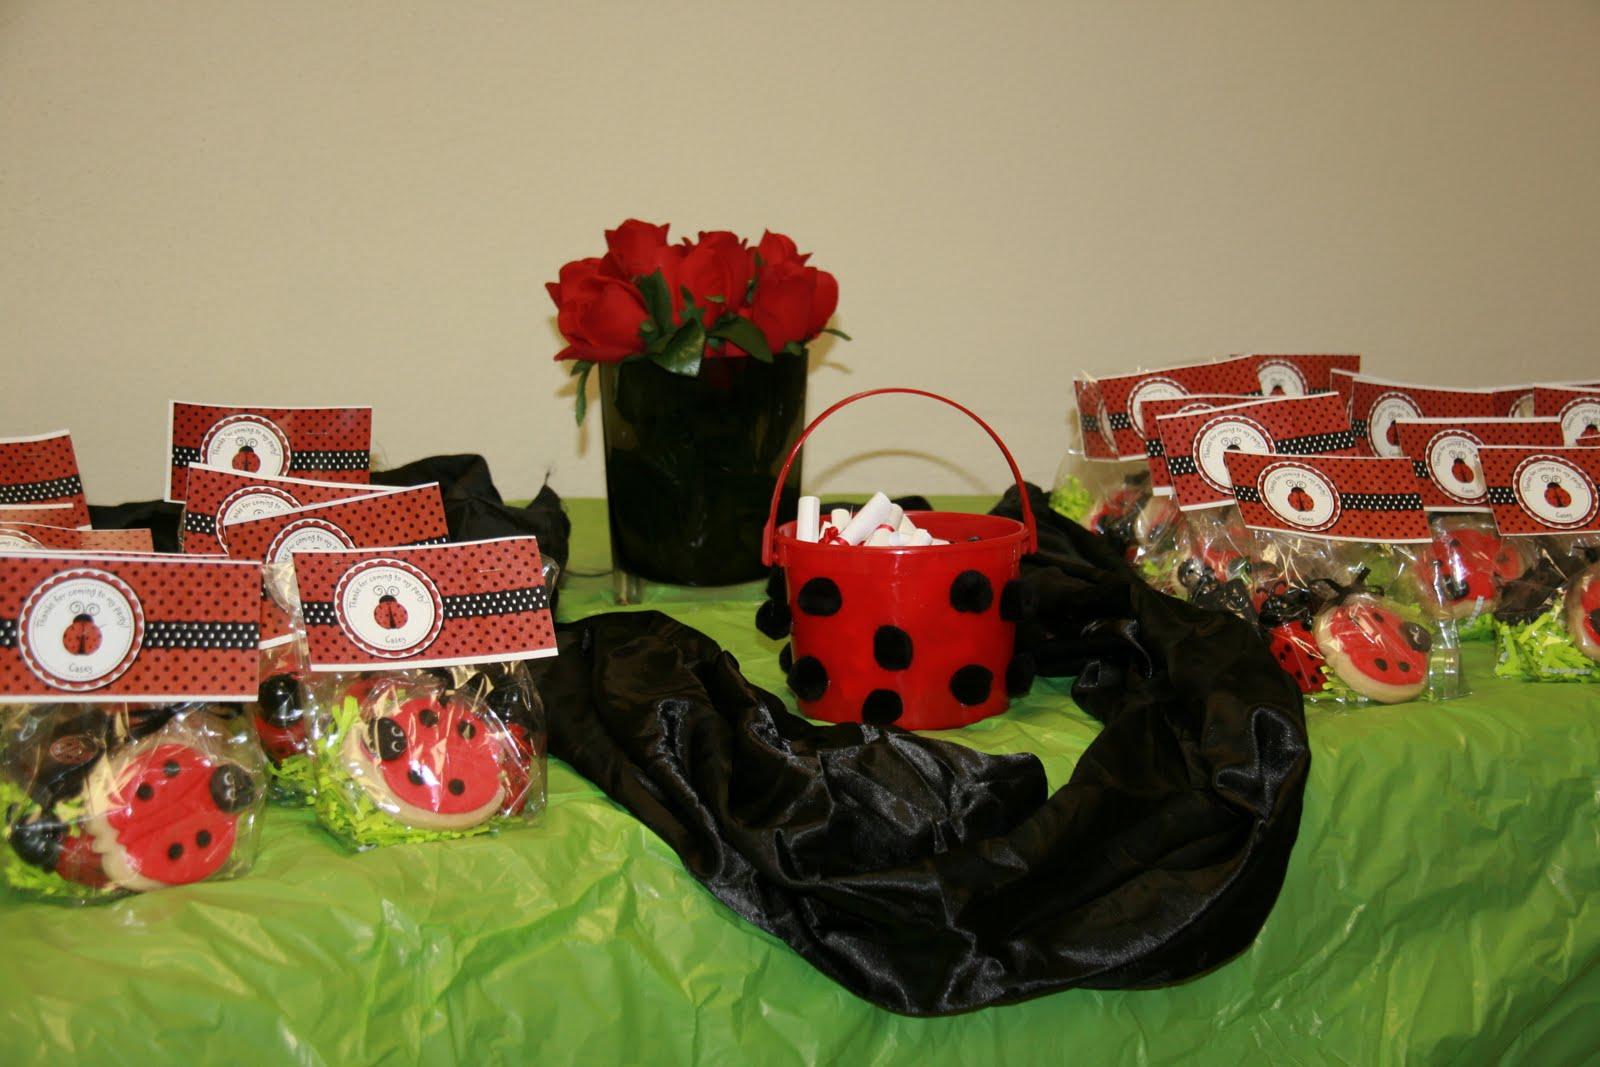 Ladybug Party Decoration Ideas